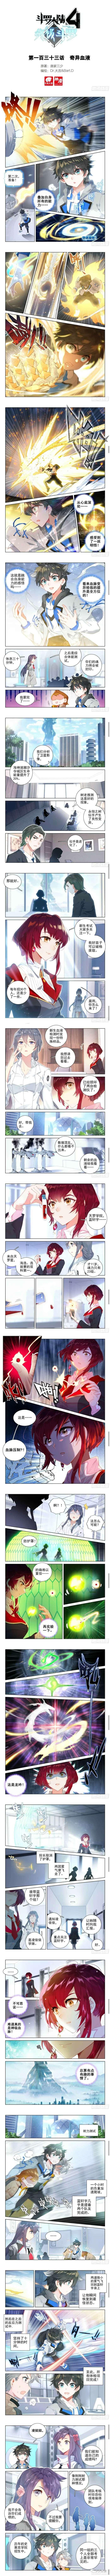 【漫画更新】斗罗大陆4终极斗罗133话